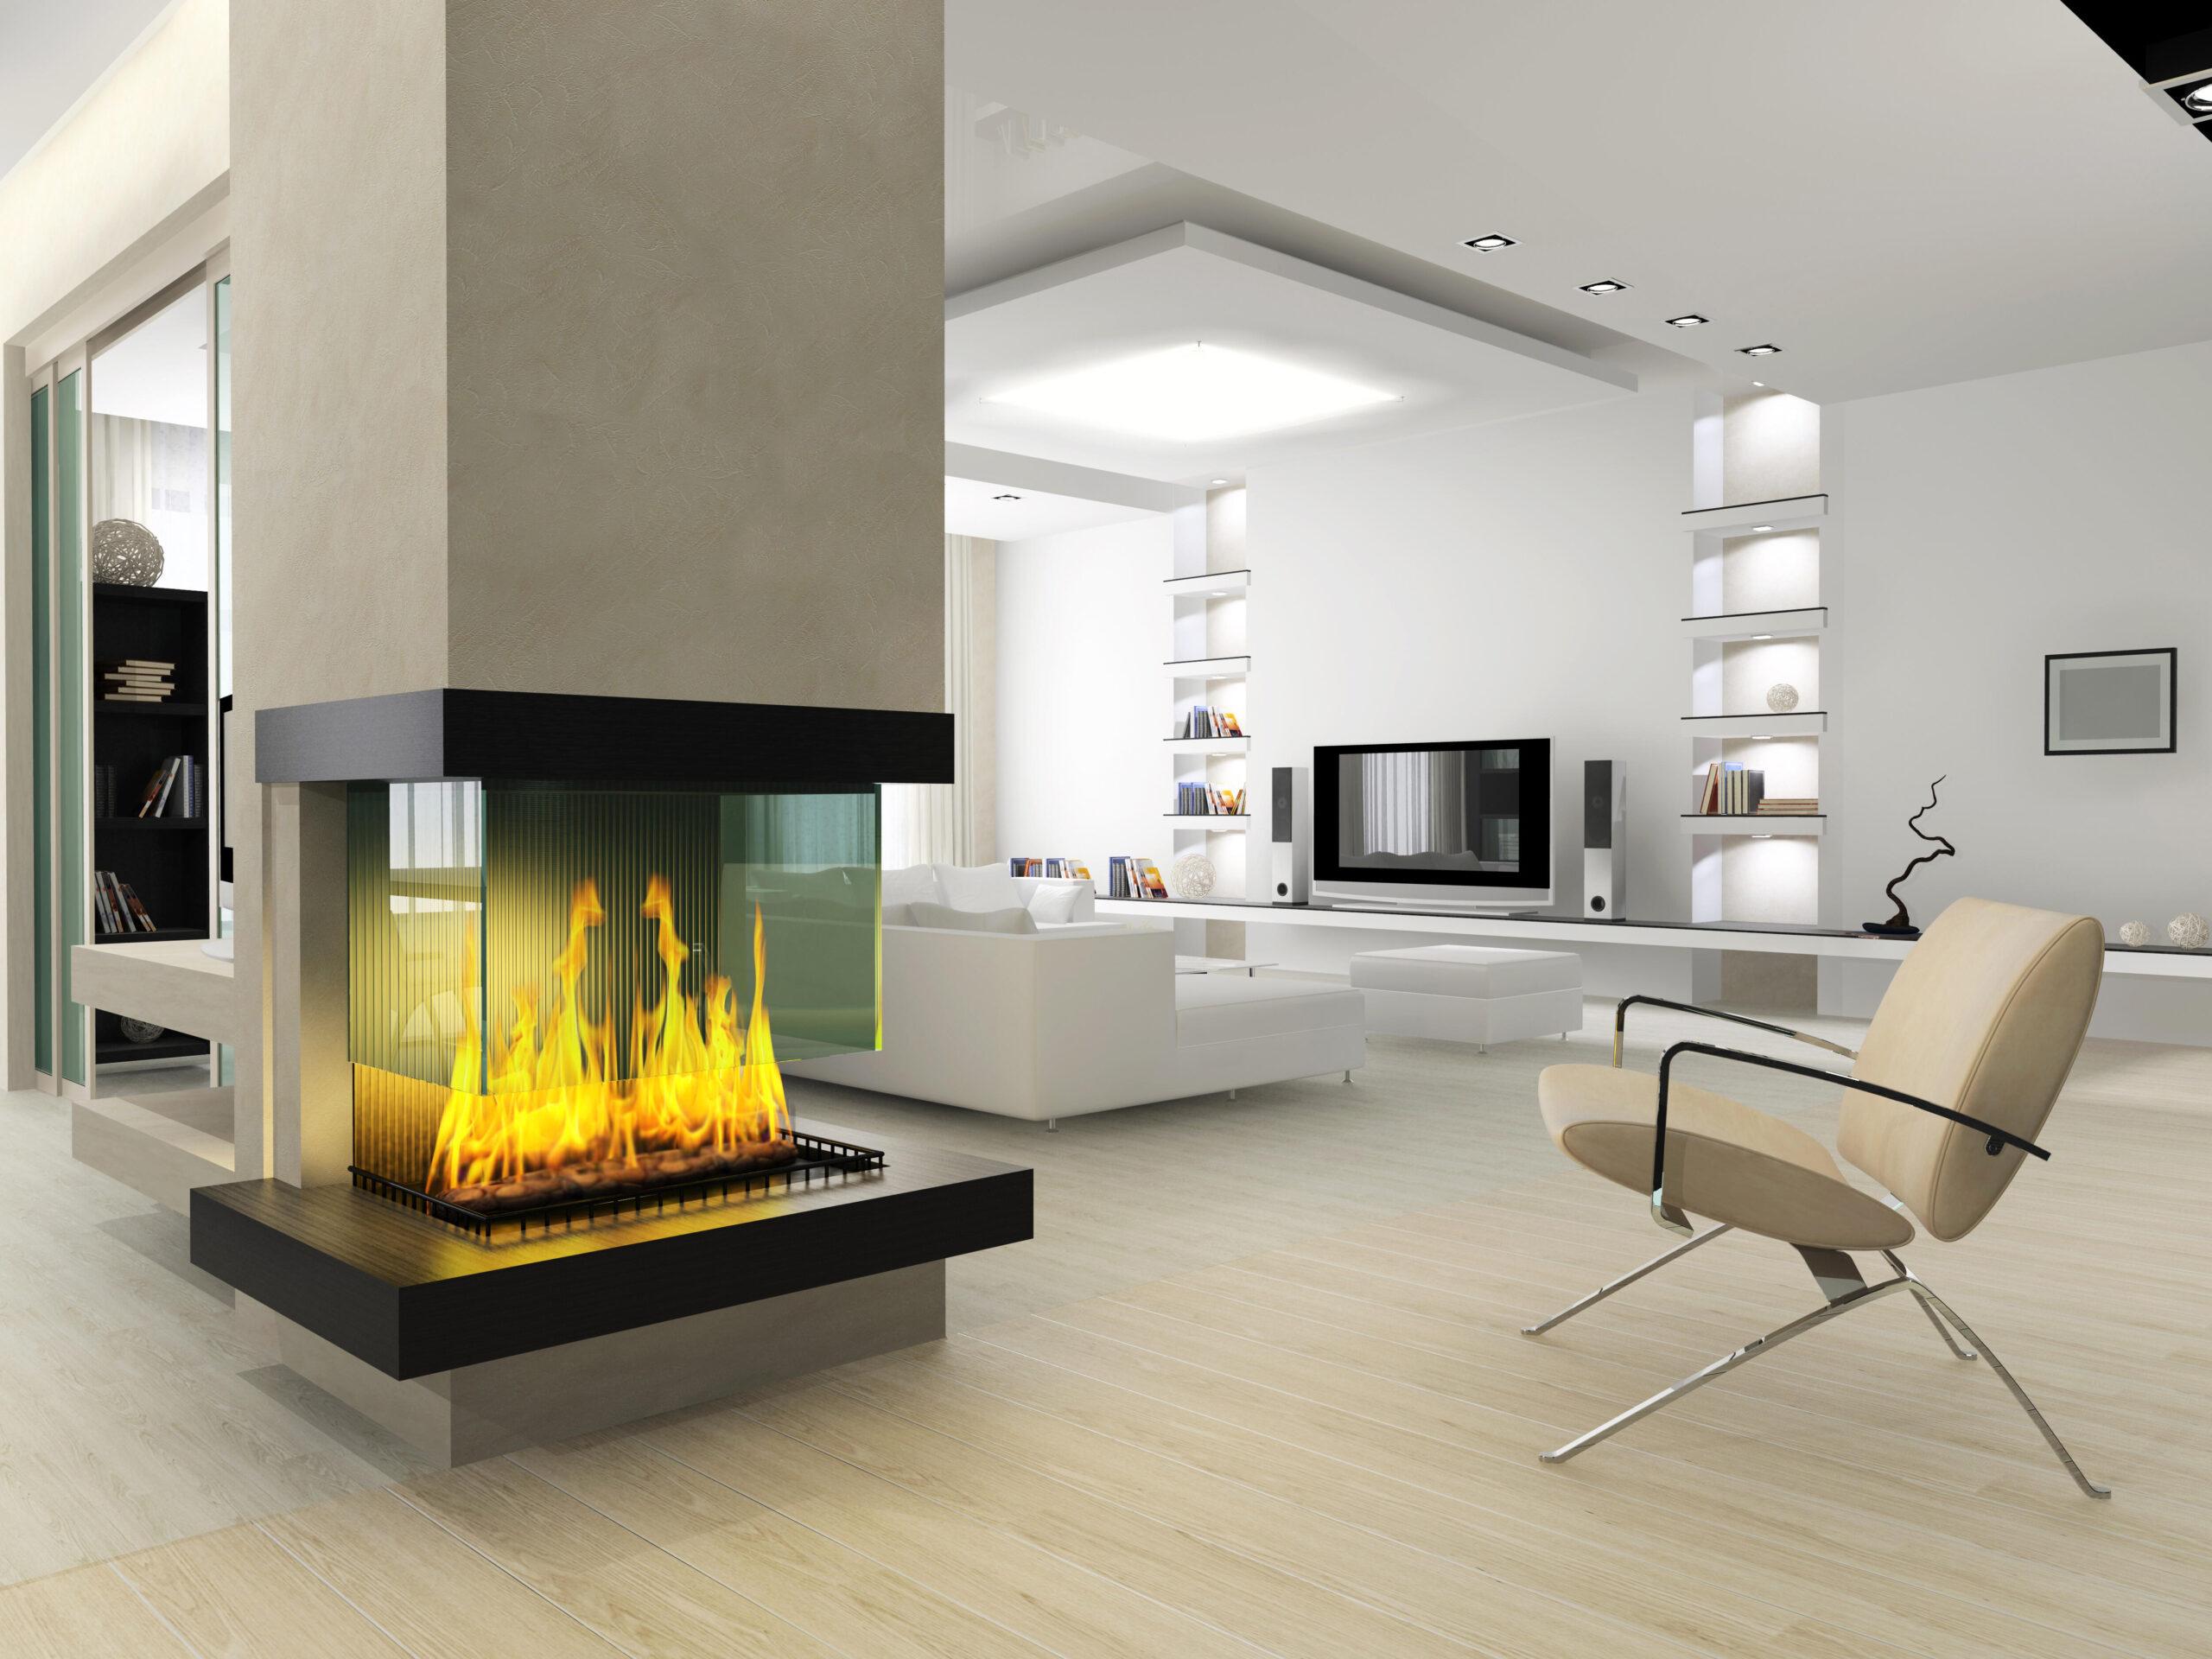 multi room furnace